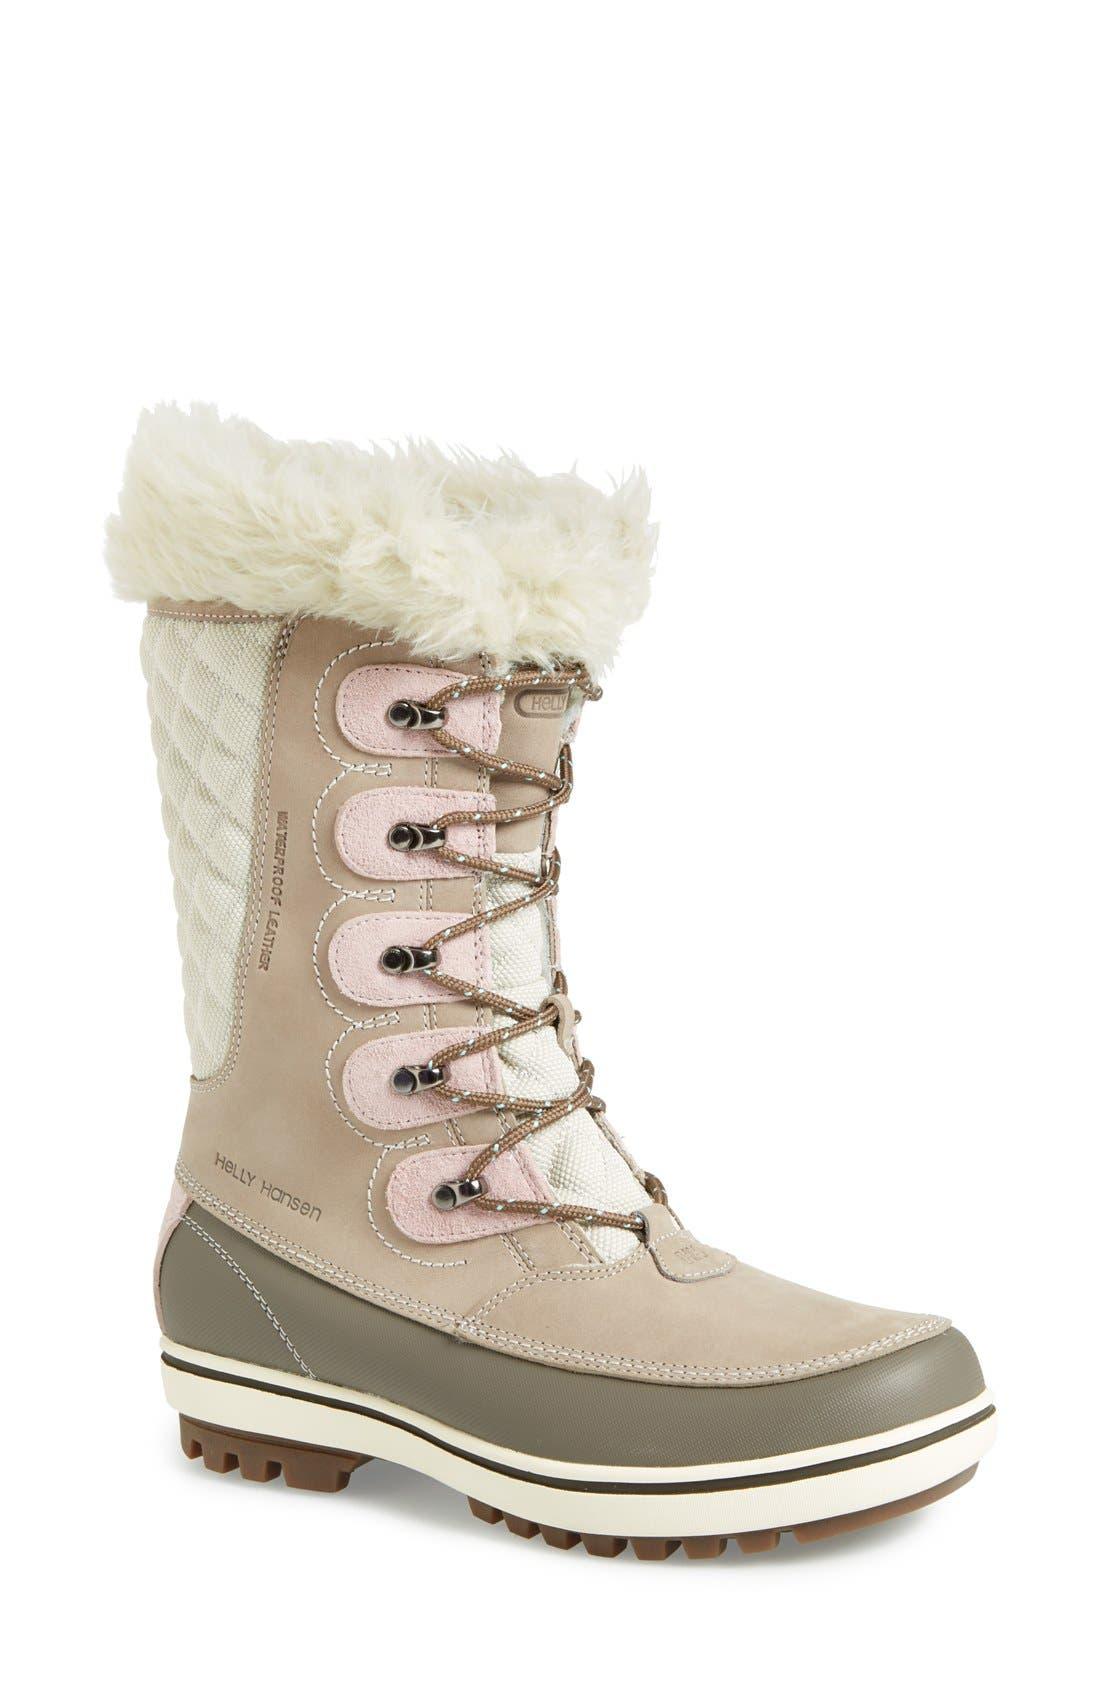 'Garibaldi' Waterproof Snow Boot,                         Main,                         color, 097